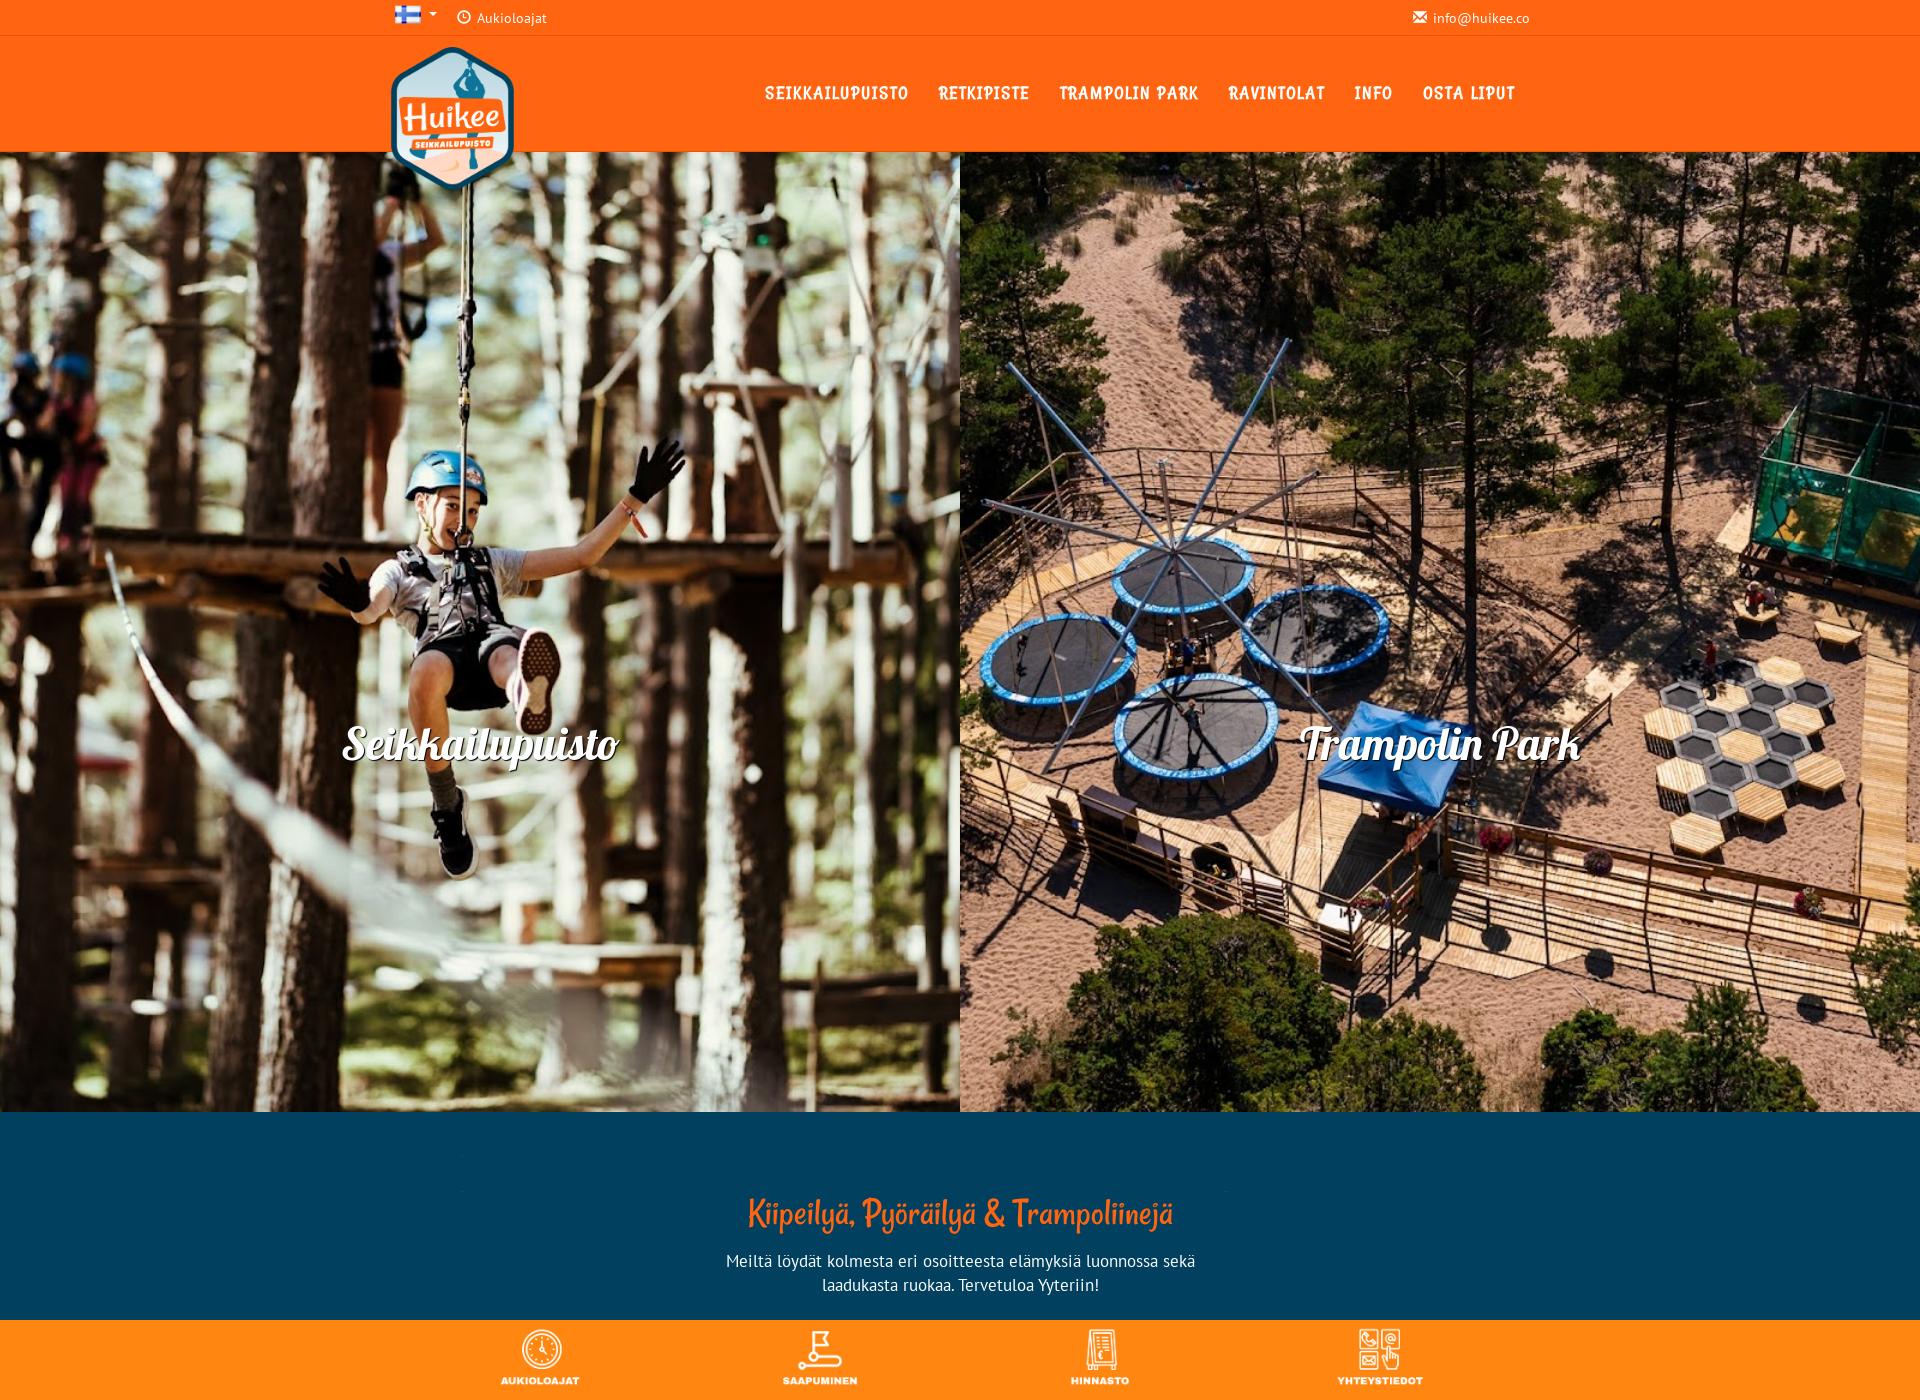 Screenshot for seikkailupuistohuikee.fi